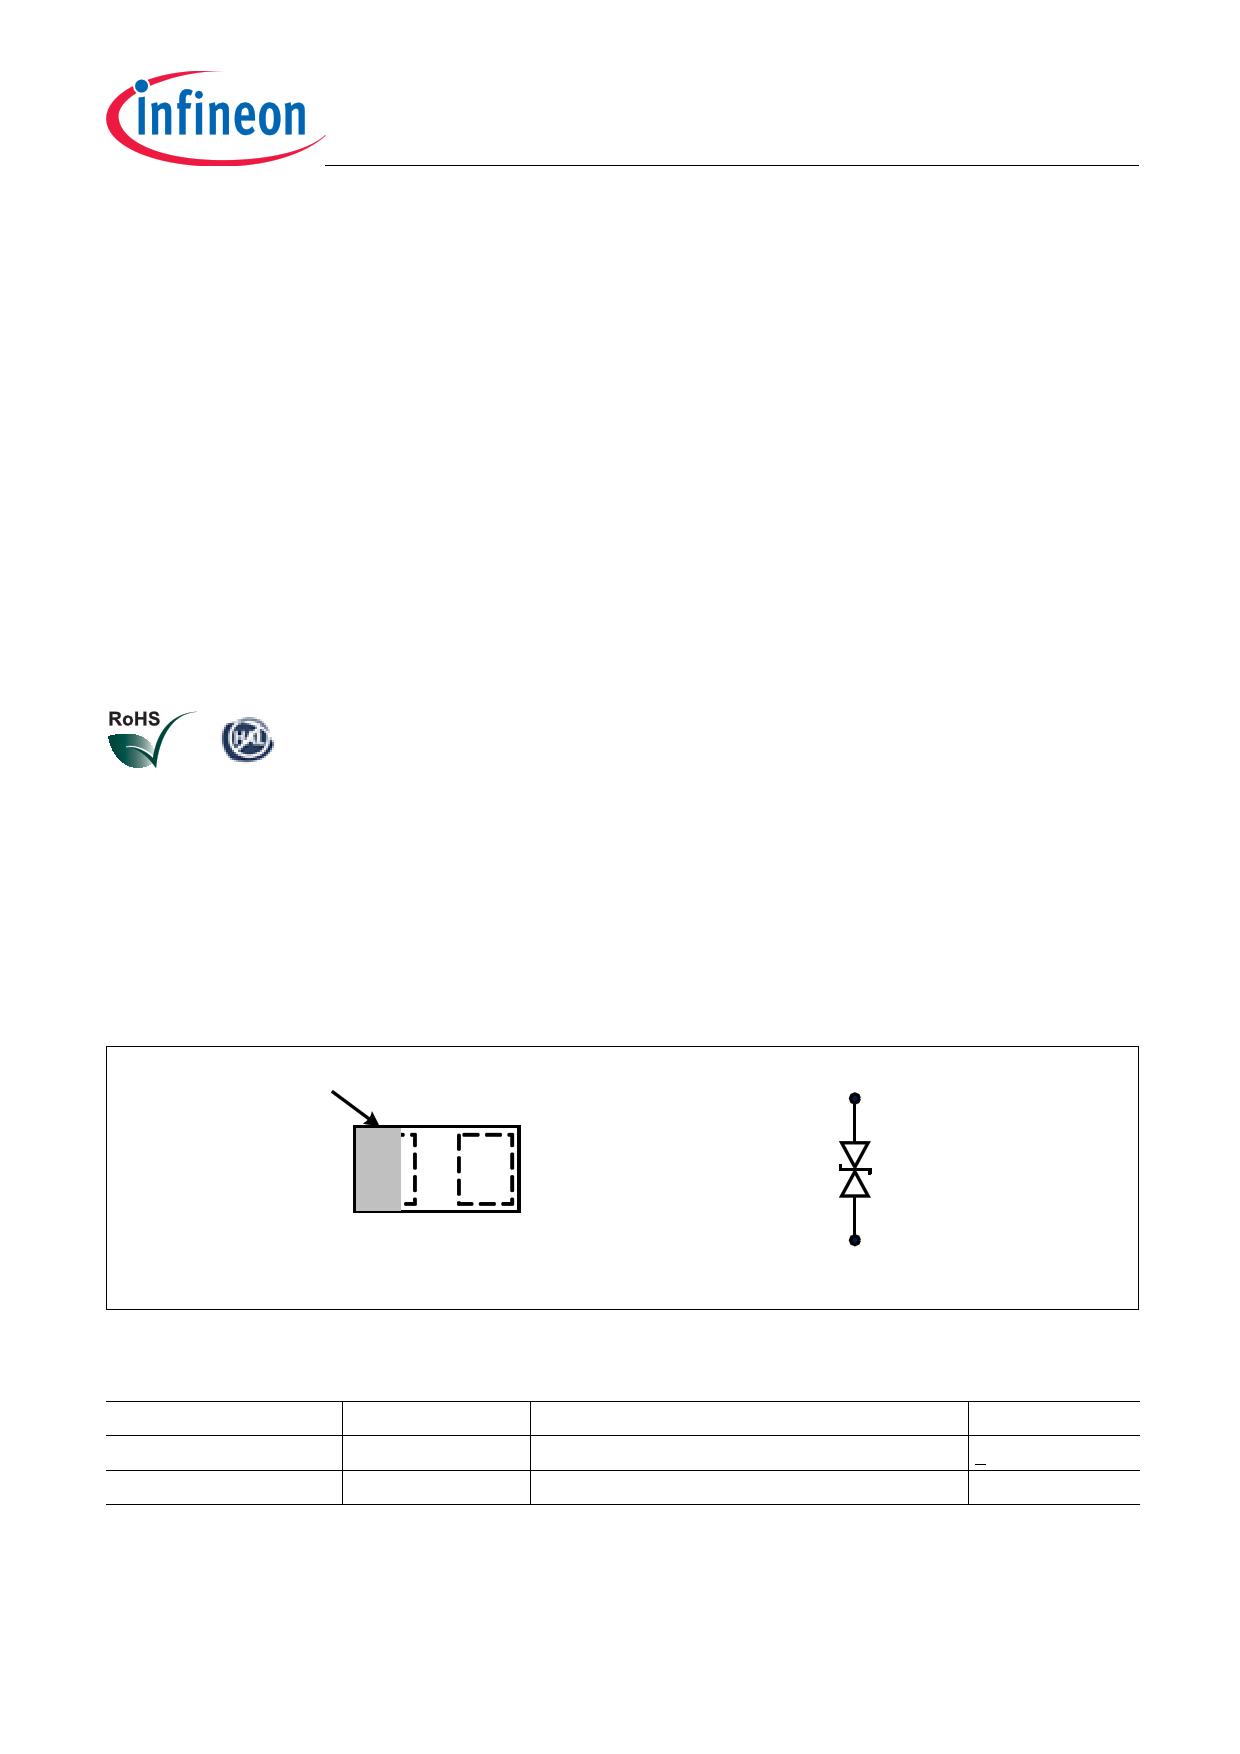 ESD113-B1 pdf, ピン配列